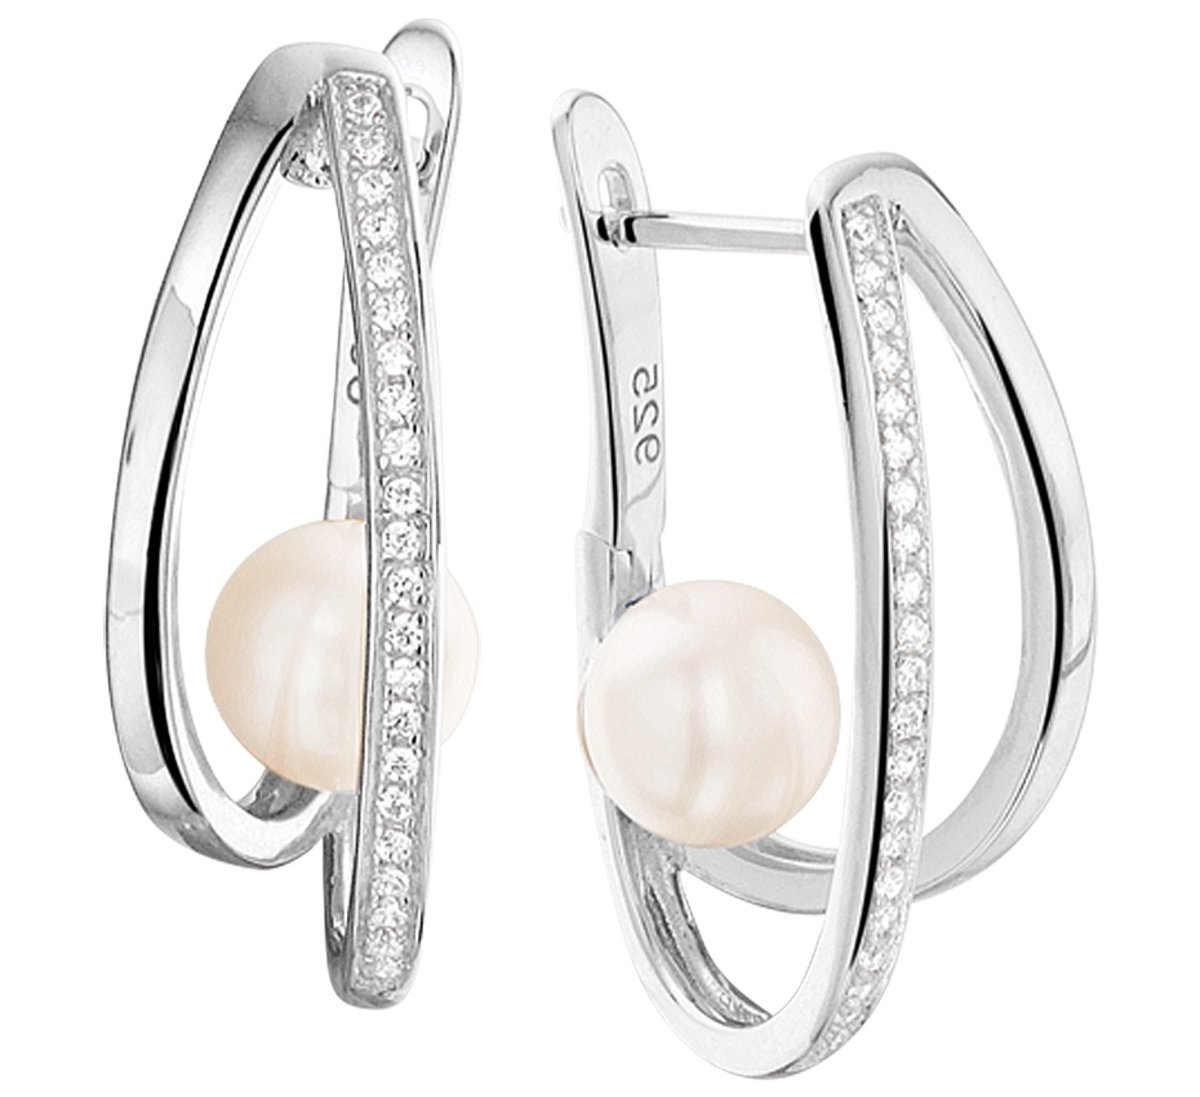 The Jewelry Collection Klapoorringen Parel En Zirkonia - Zilver kopen